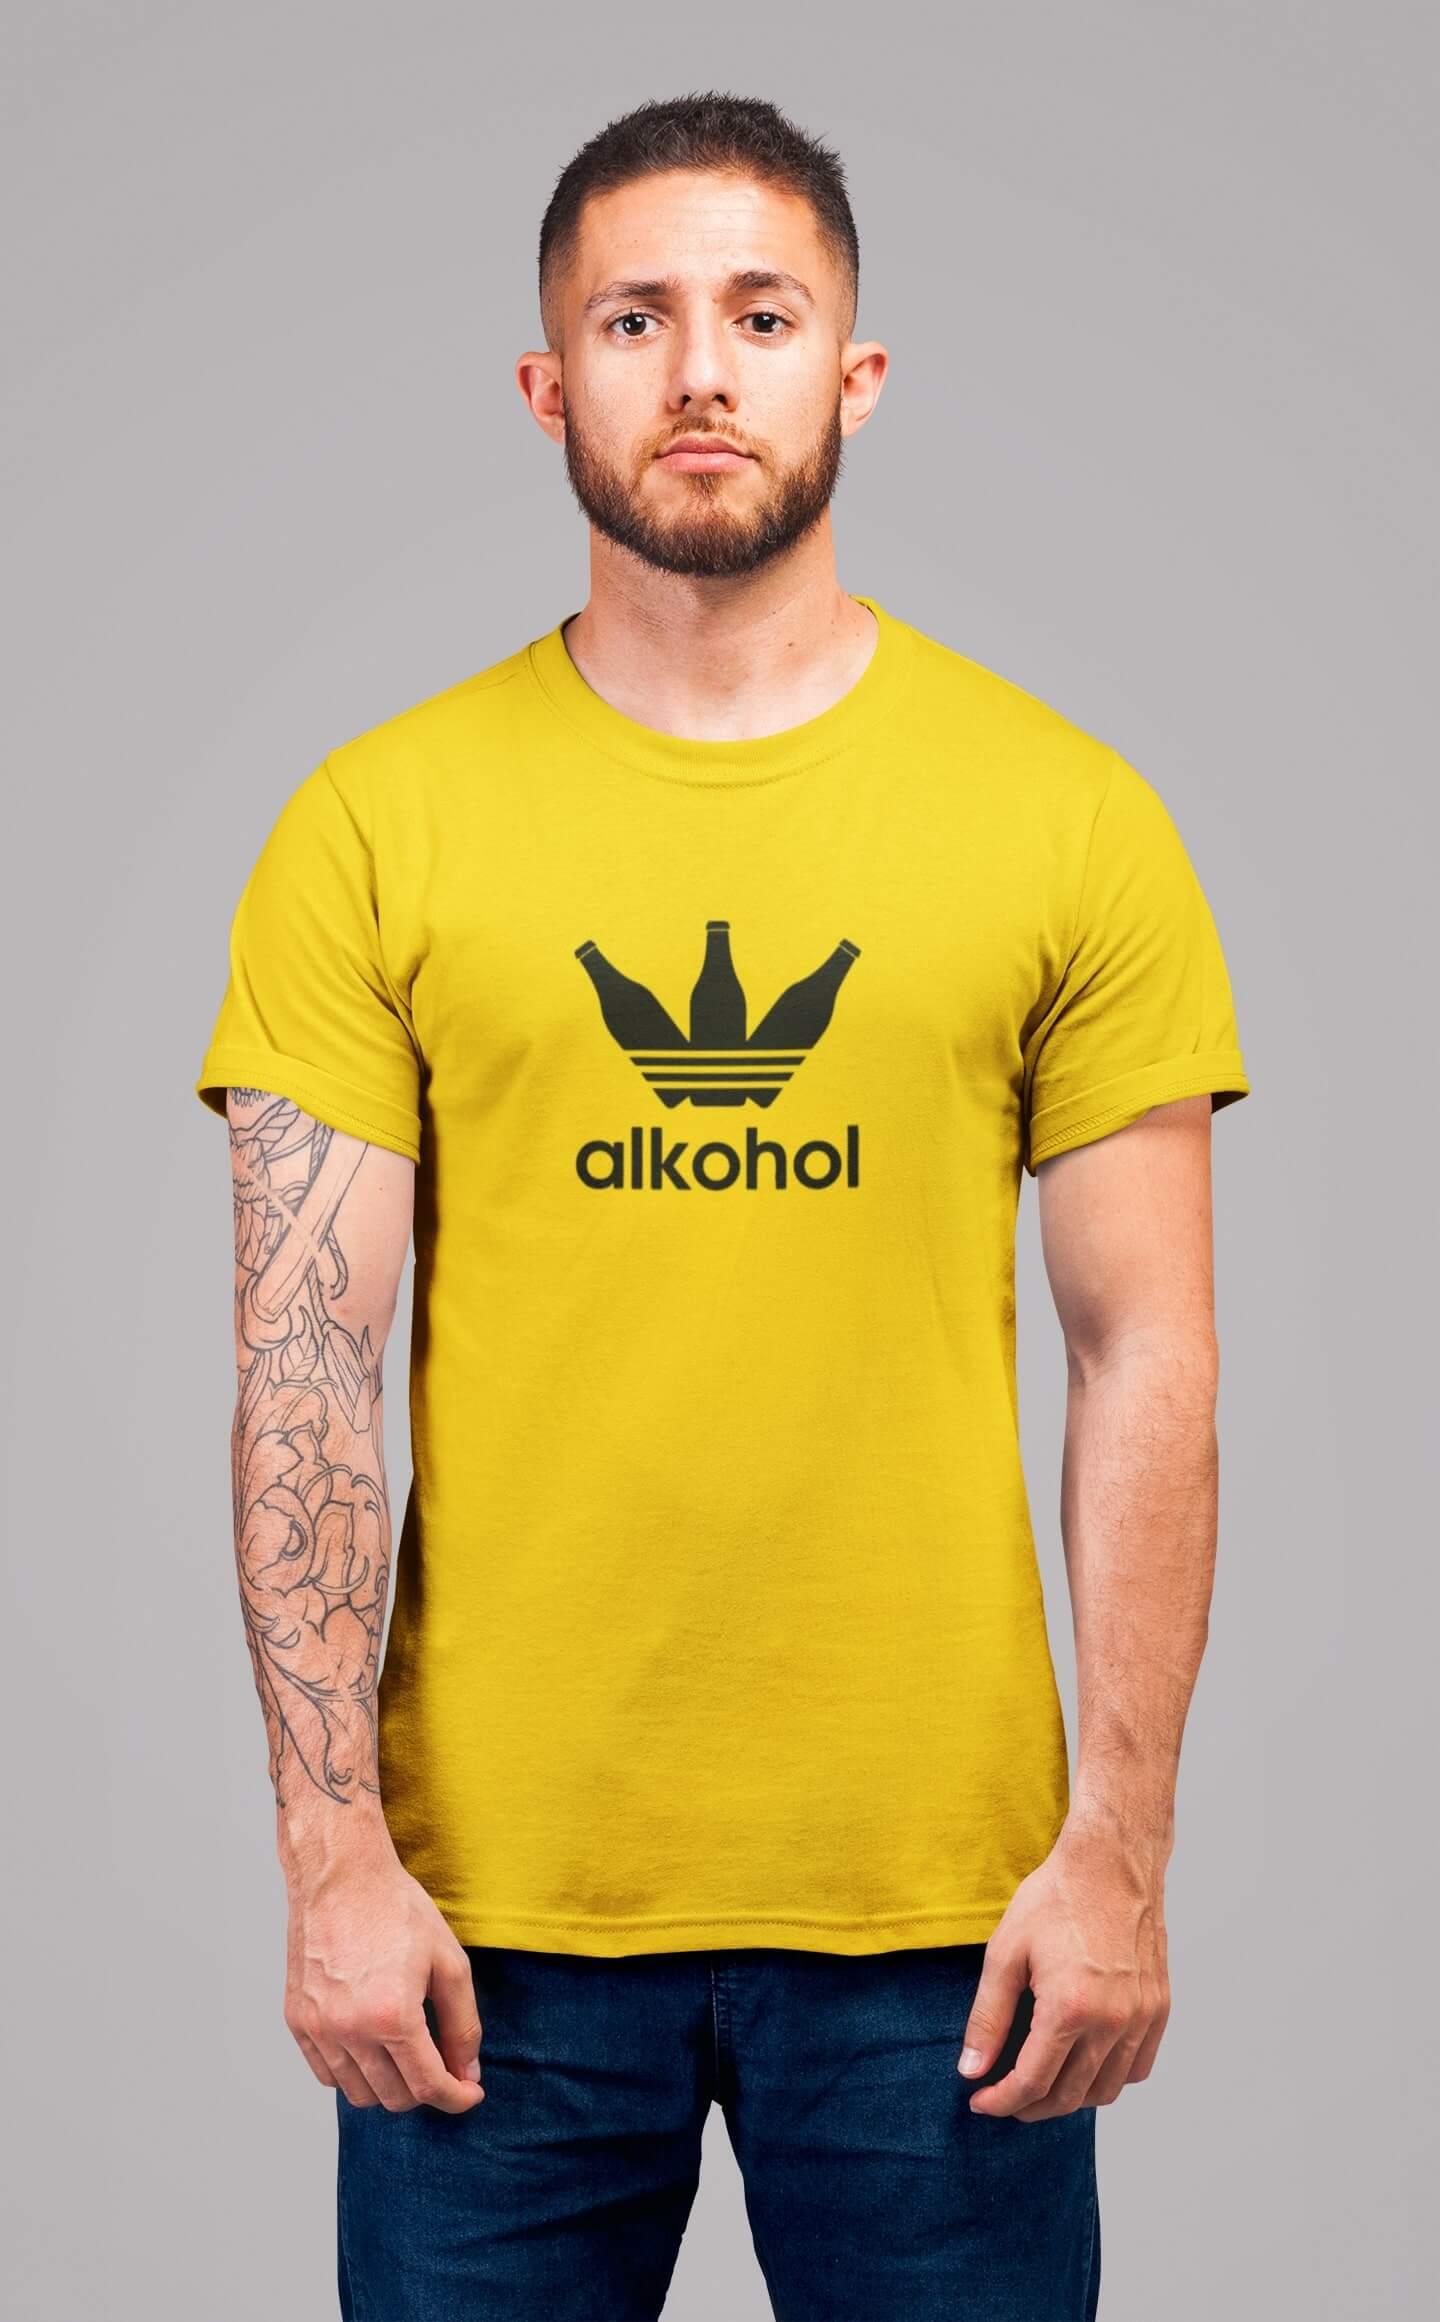 MMO Pánske tričko s flaškami Vyberte farbu: Žltá, Pánska veľkosť: S